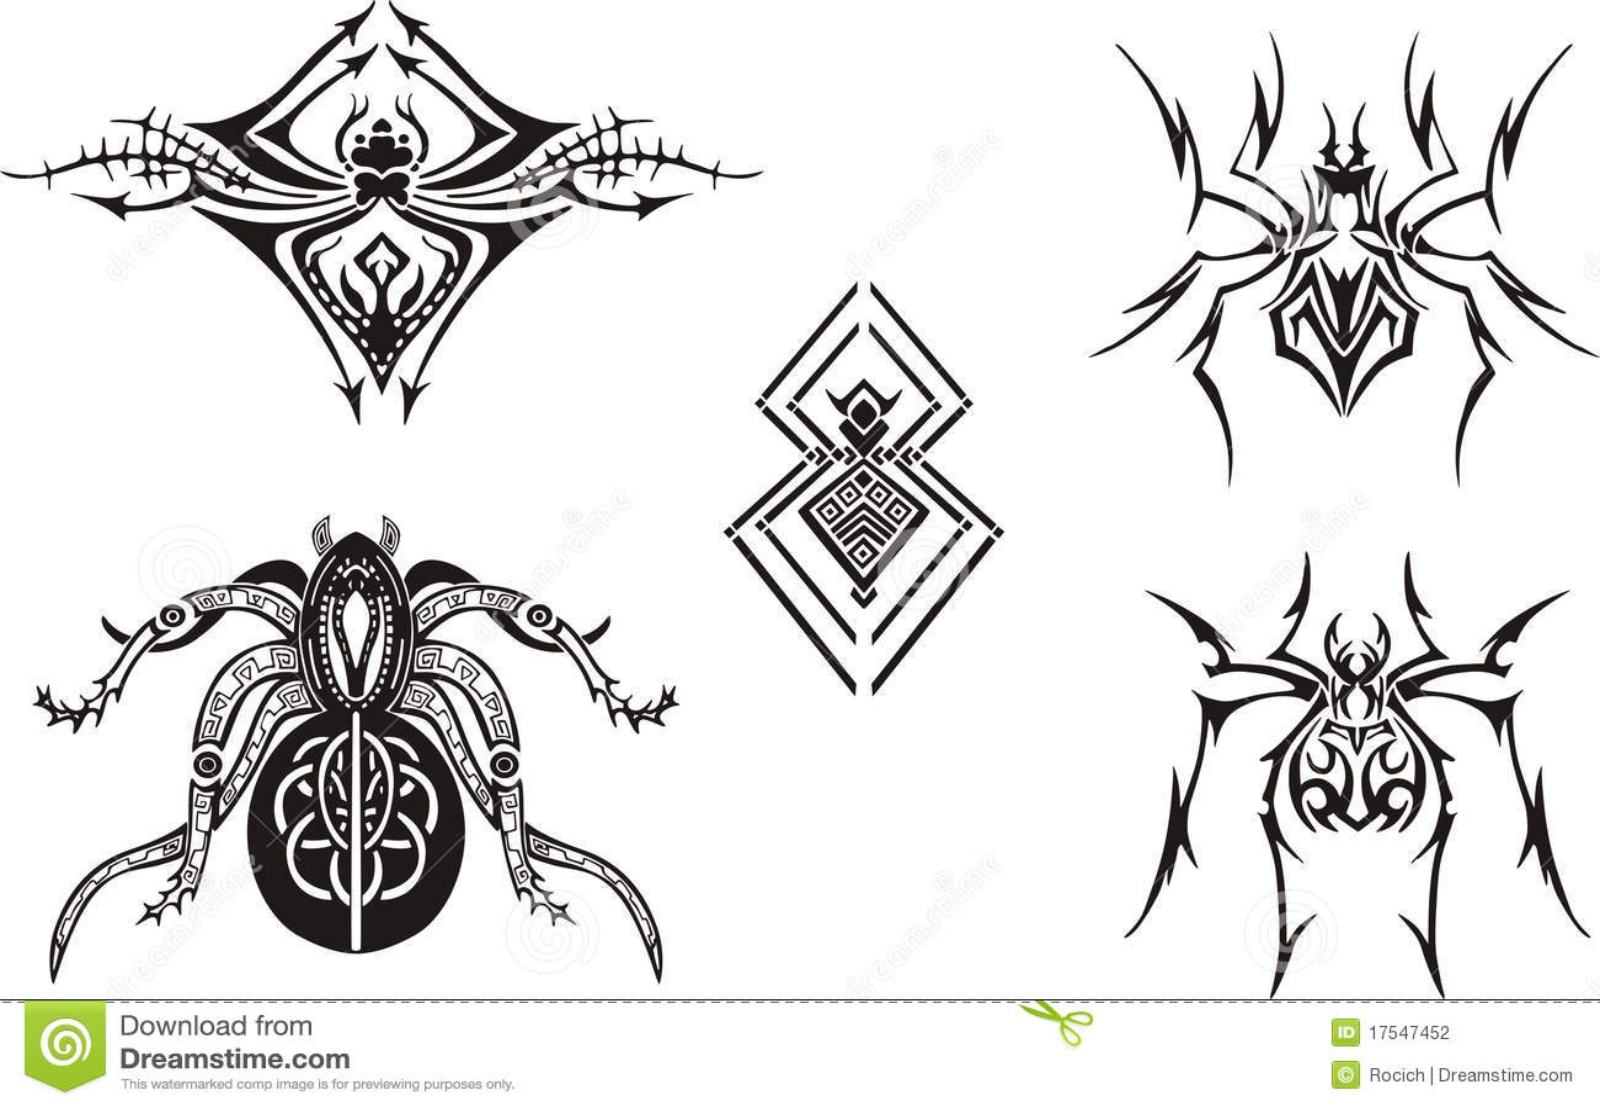 Conceptions symétriques d araignée